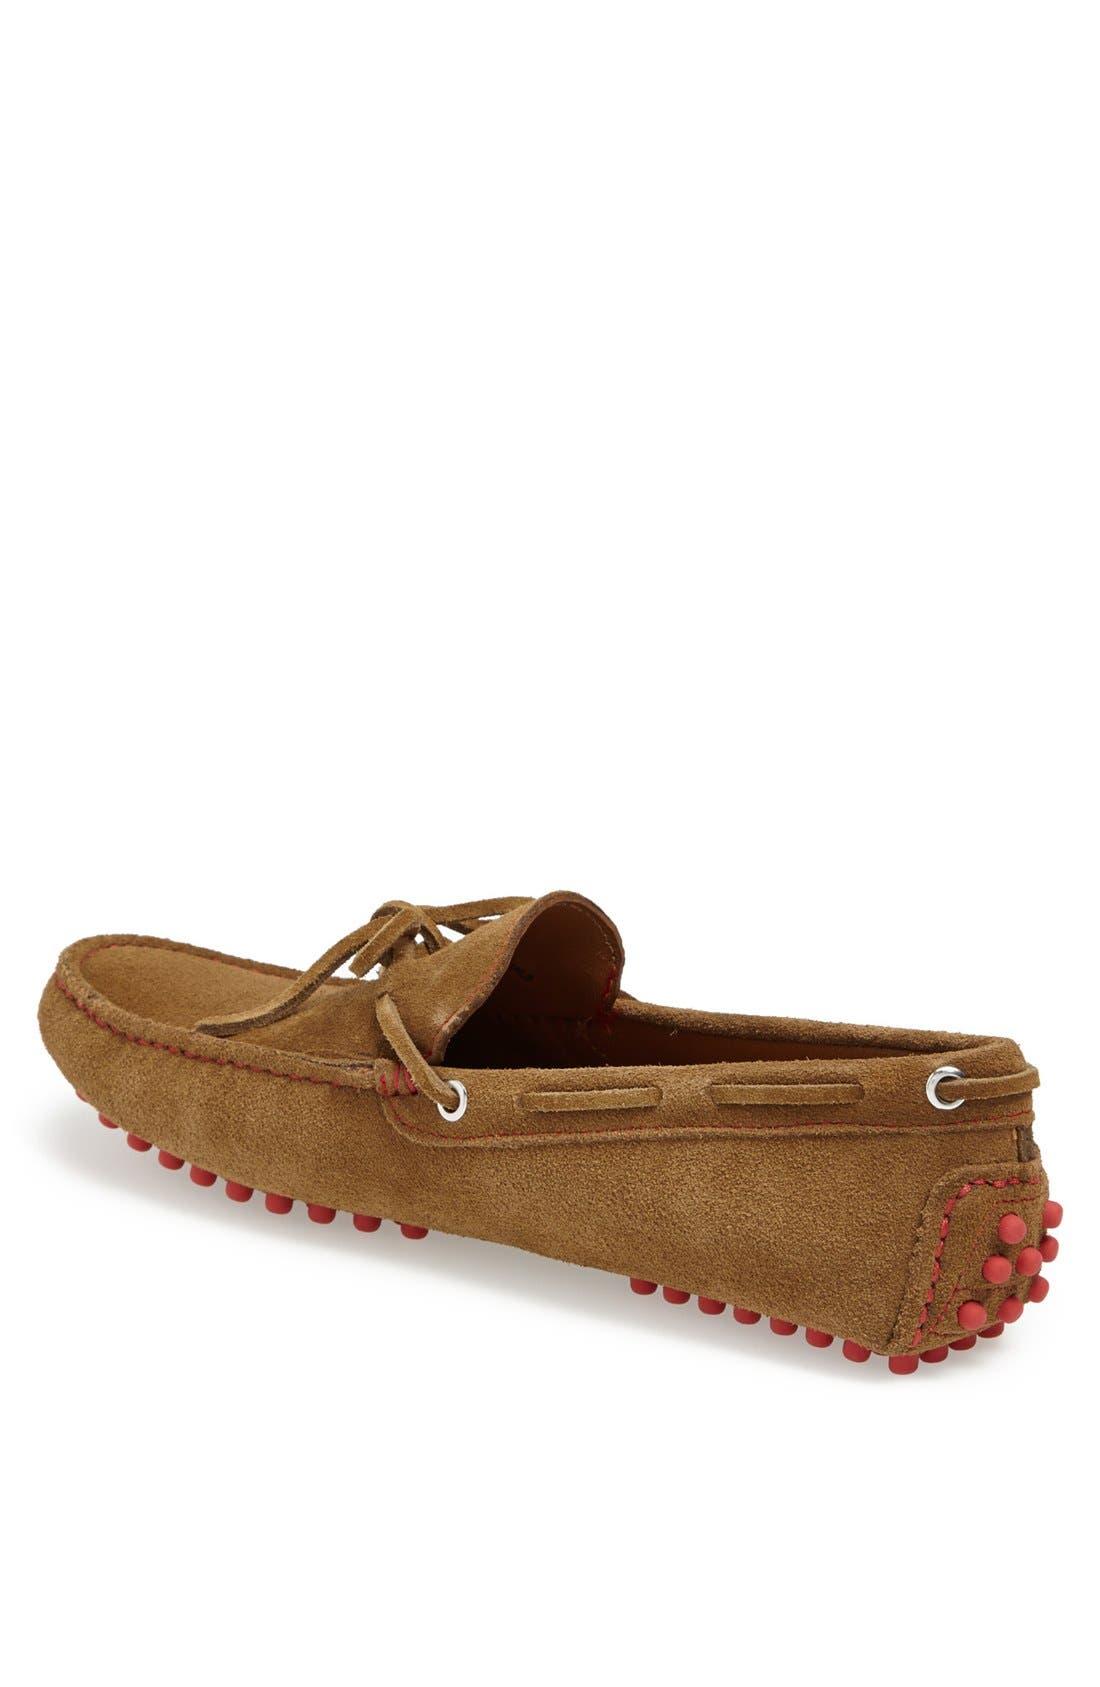 'Capri' Suede Driving Shoe,                             Alternate thumbnail 4, color,                             205